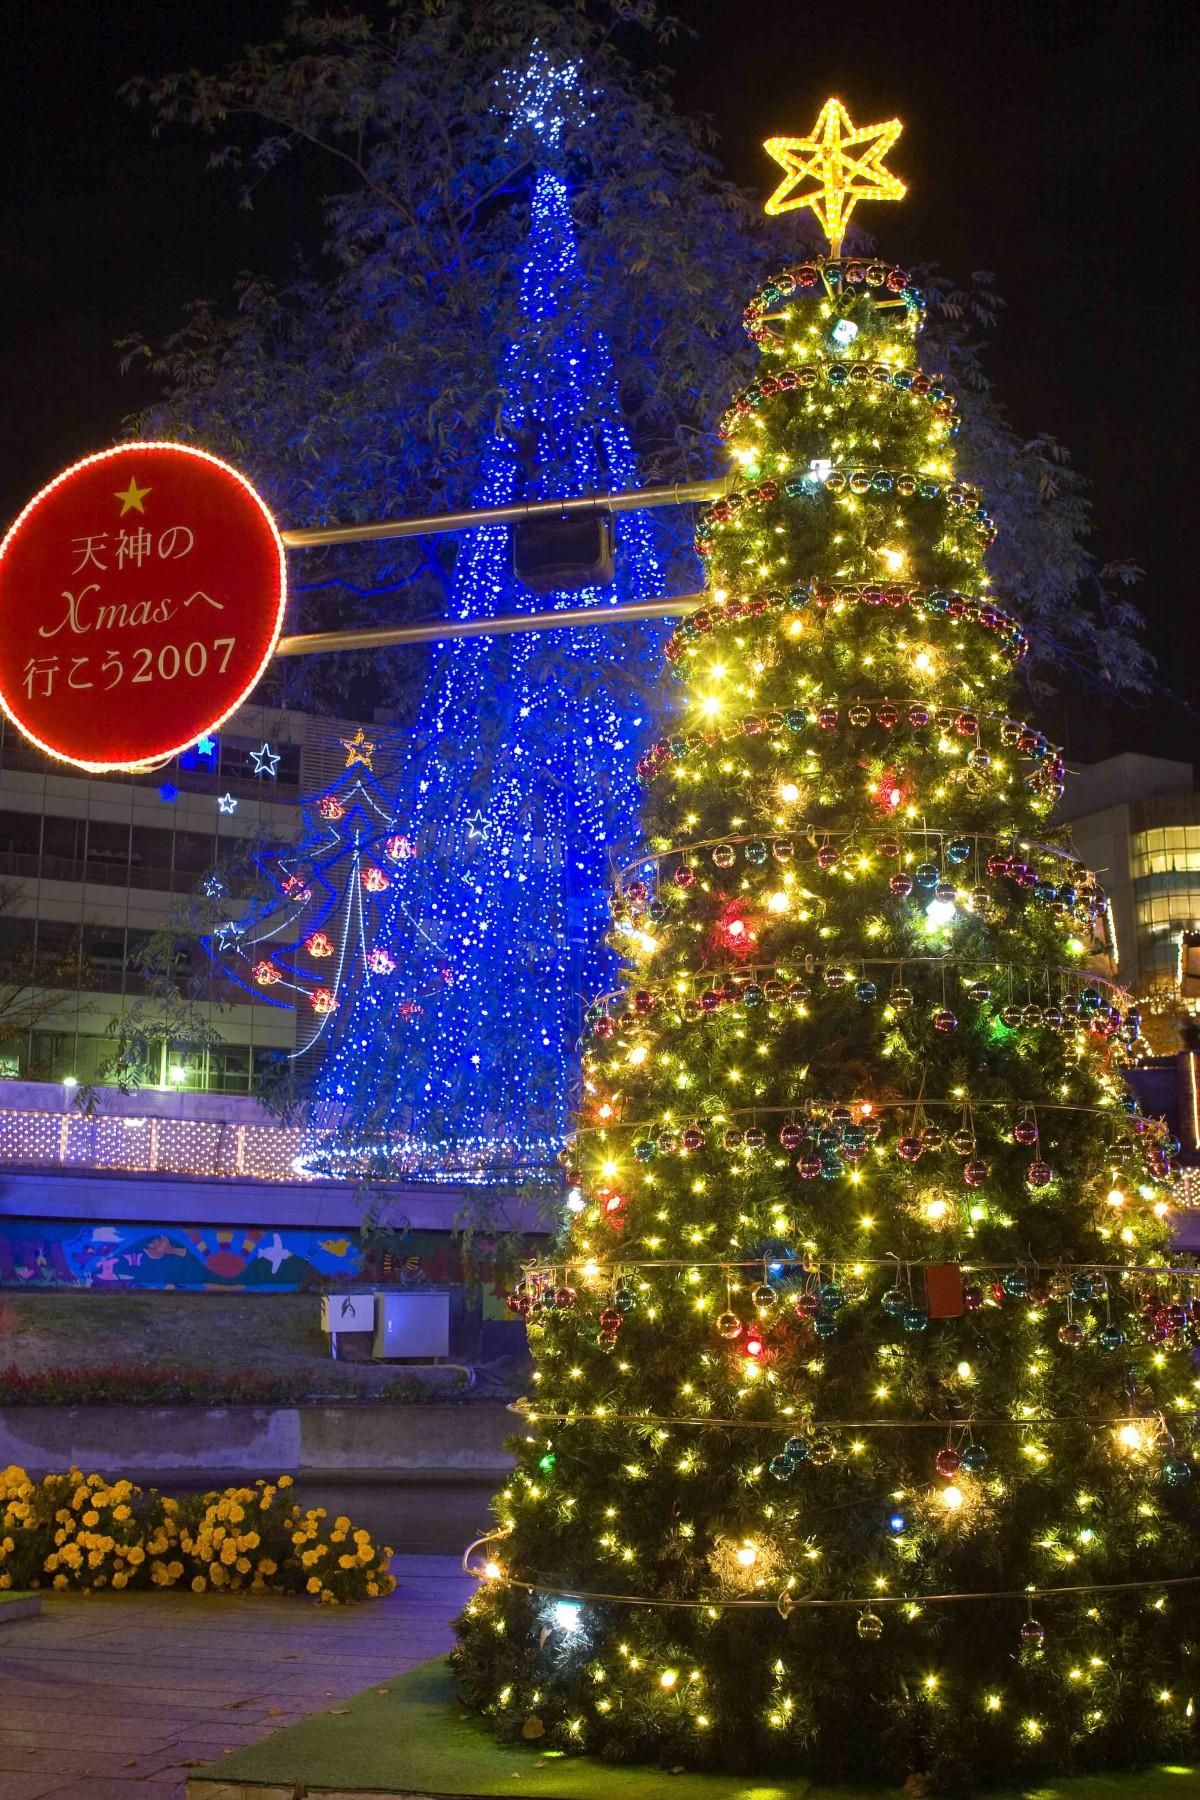 天神クリスマス(2007)の画像